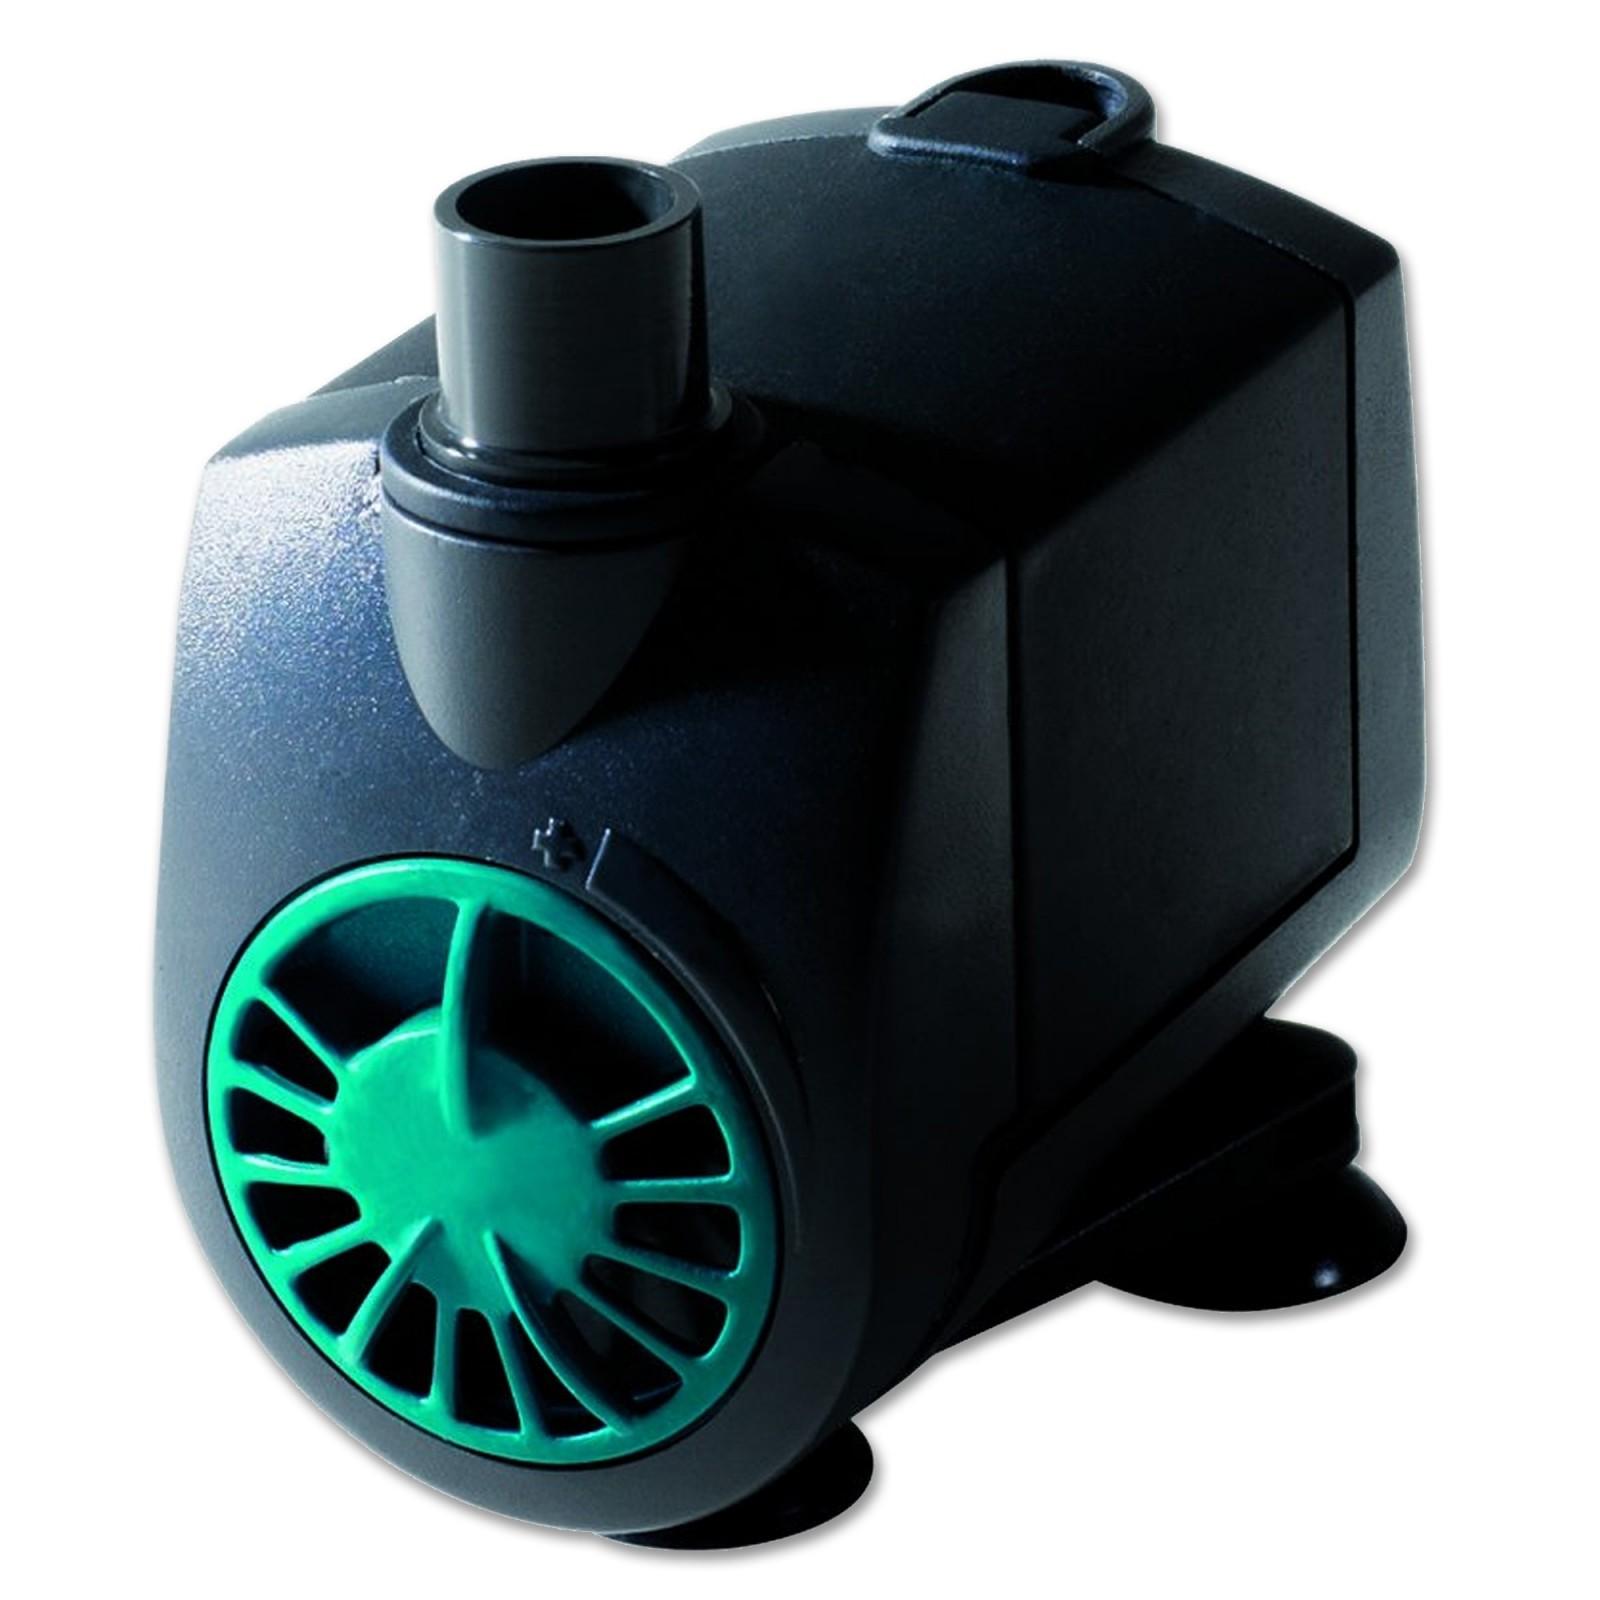 newa jet nj 600 pompa per acquari regolabile 200 600 lt